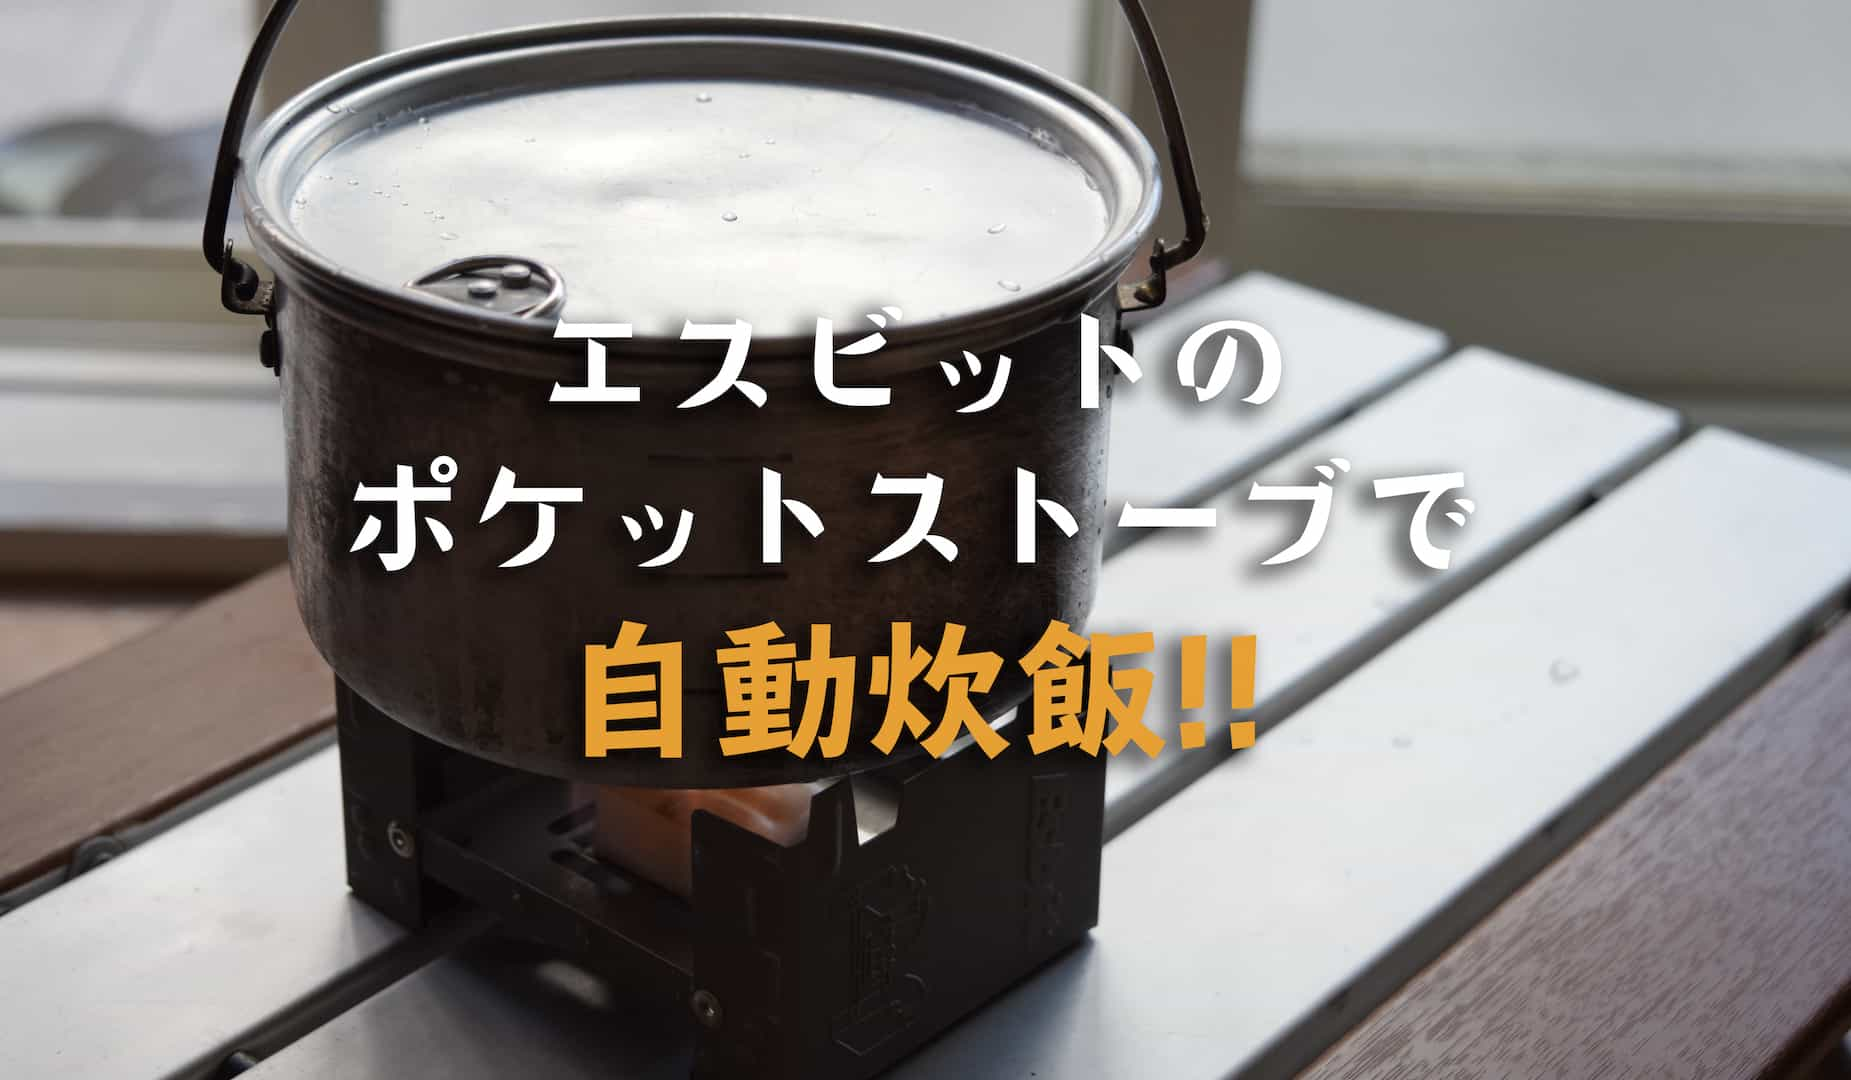 エスビットのポケットストーブで自動炊飯をやってみた!